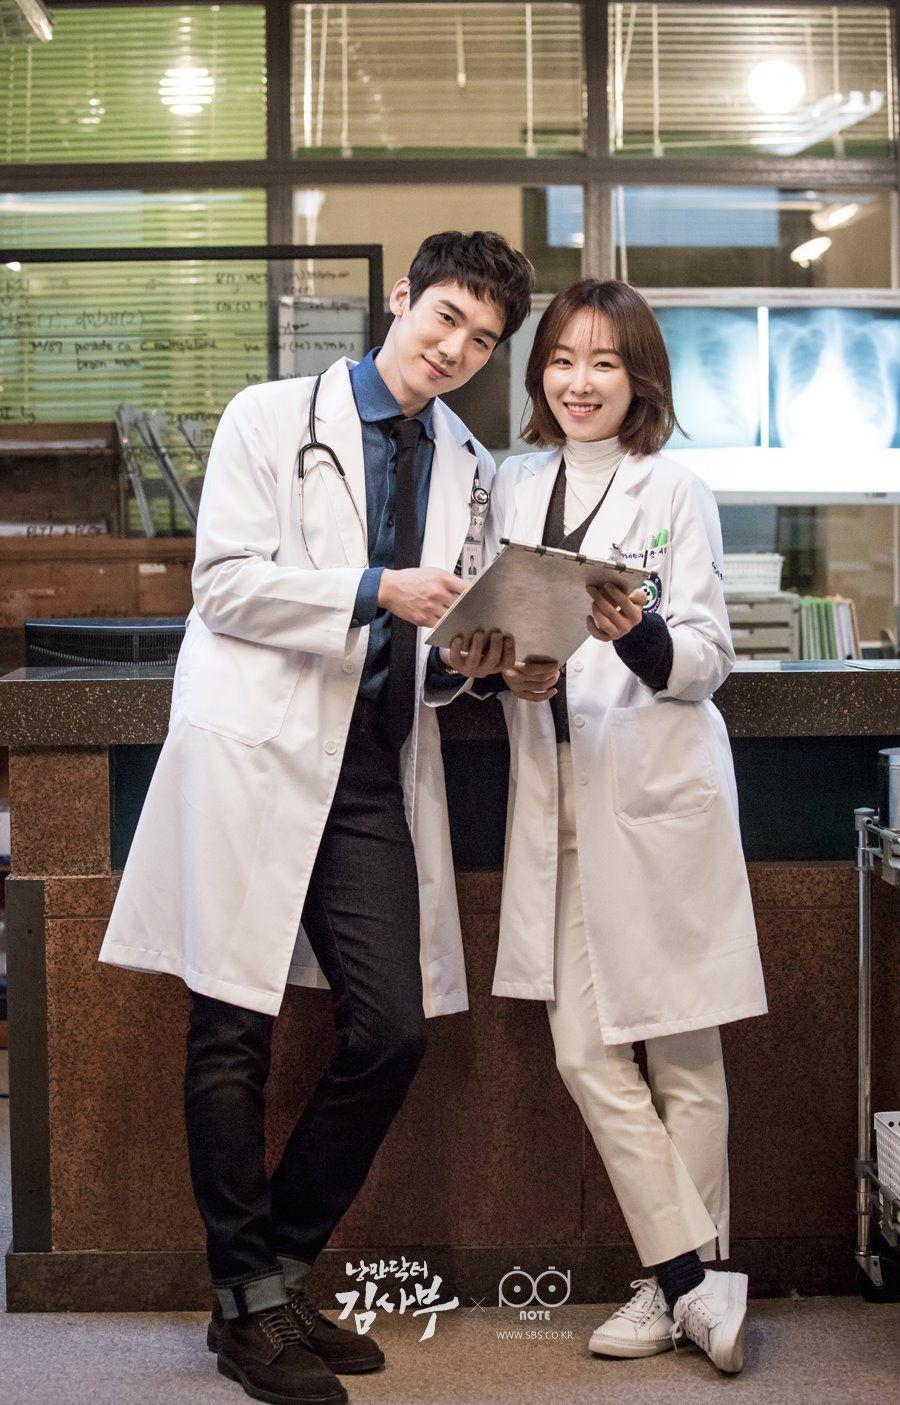 romantic doctor photo